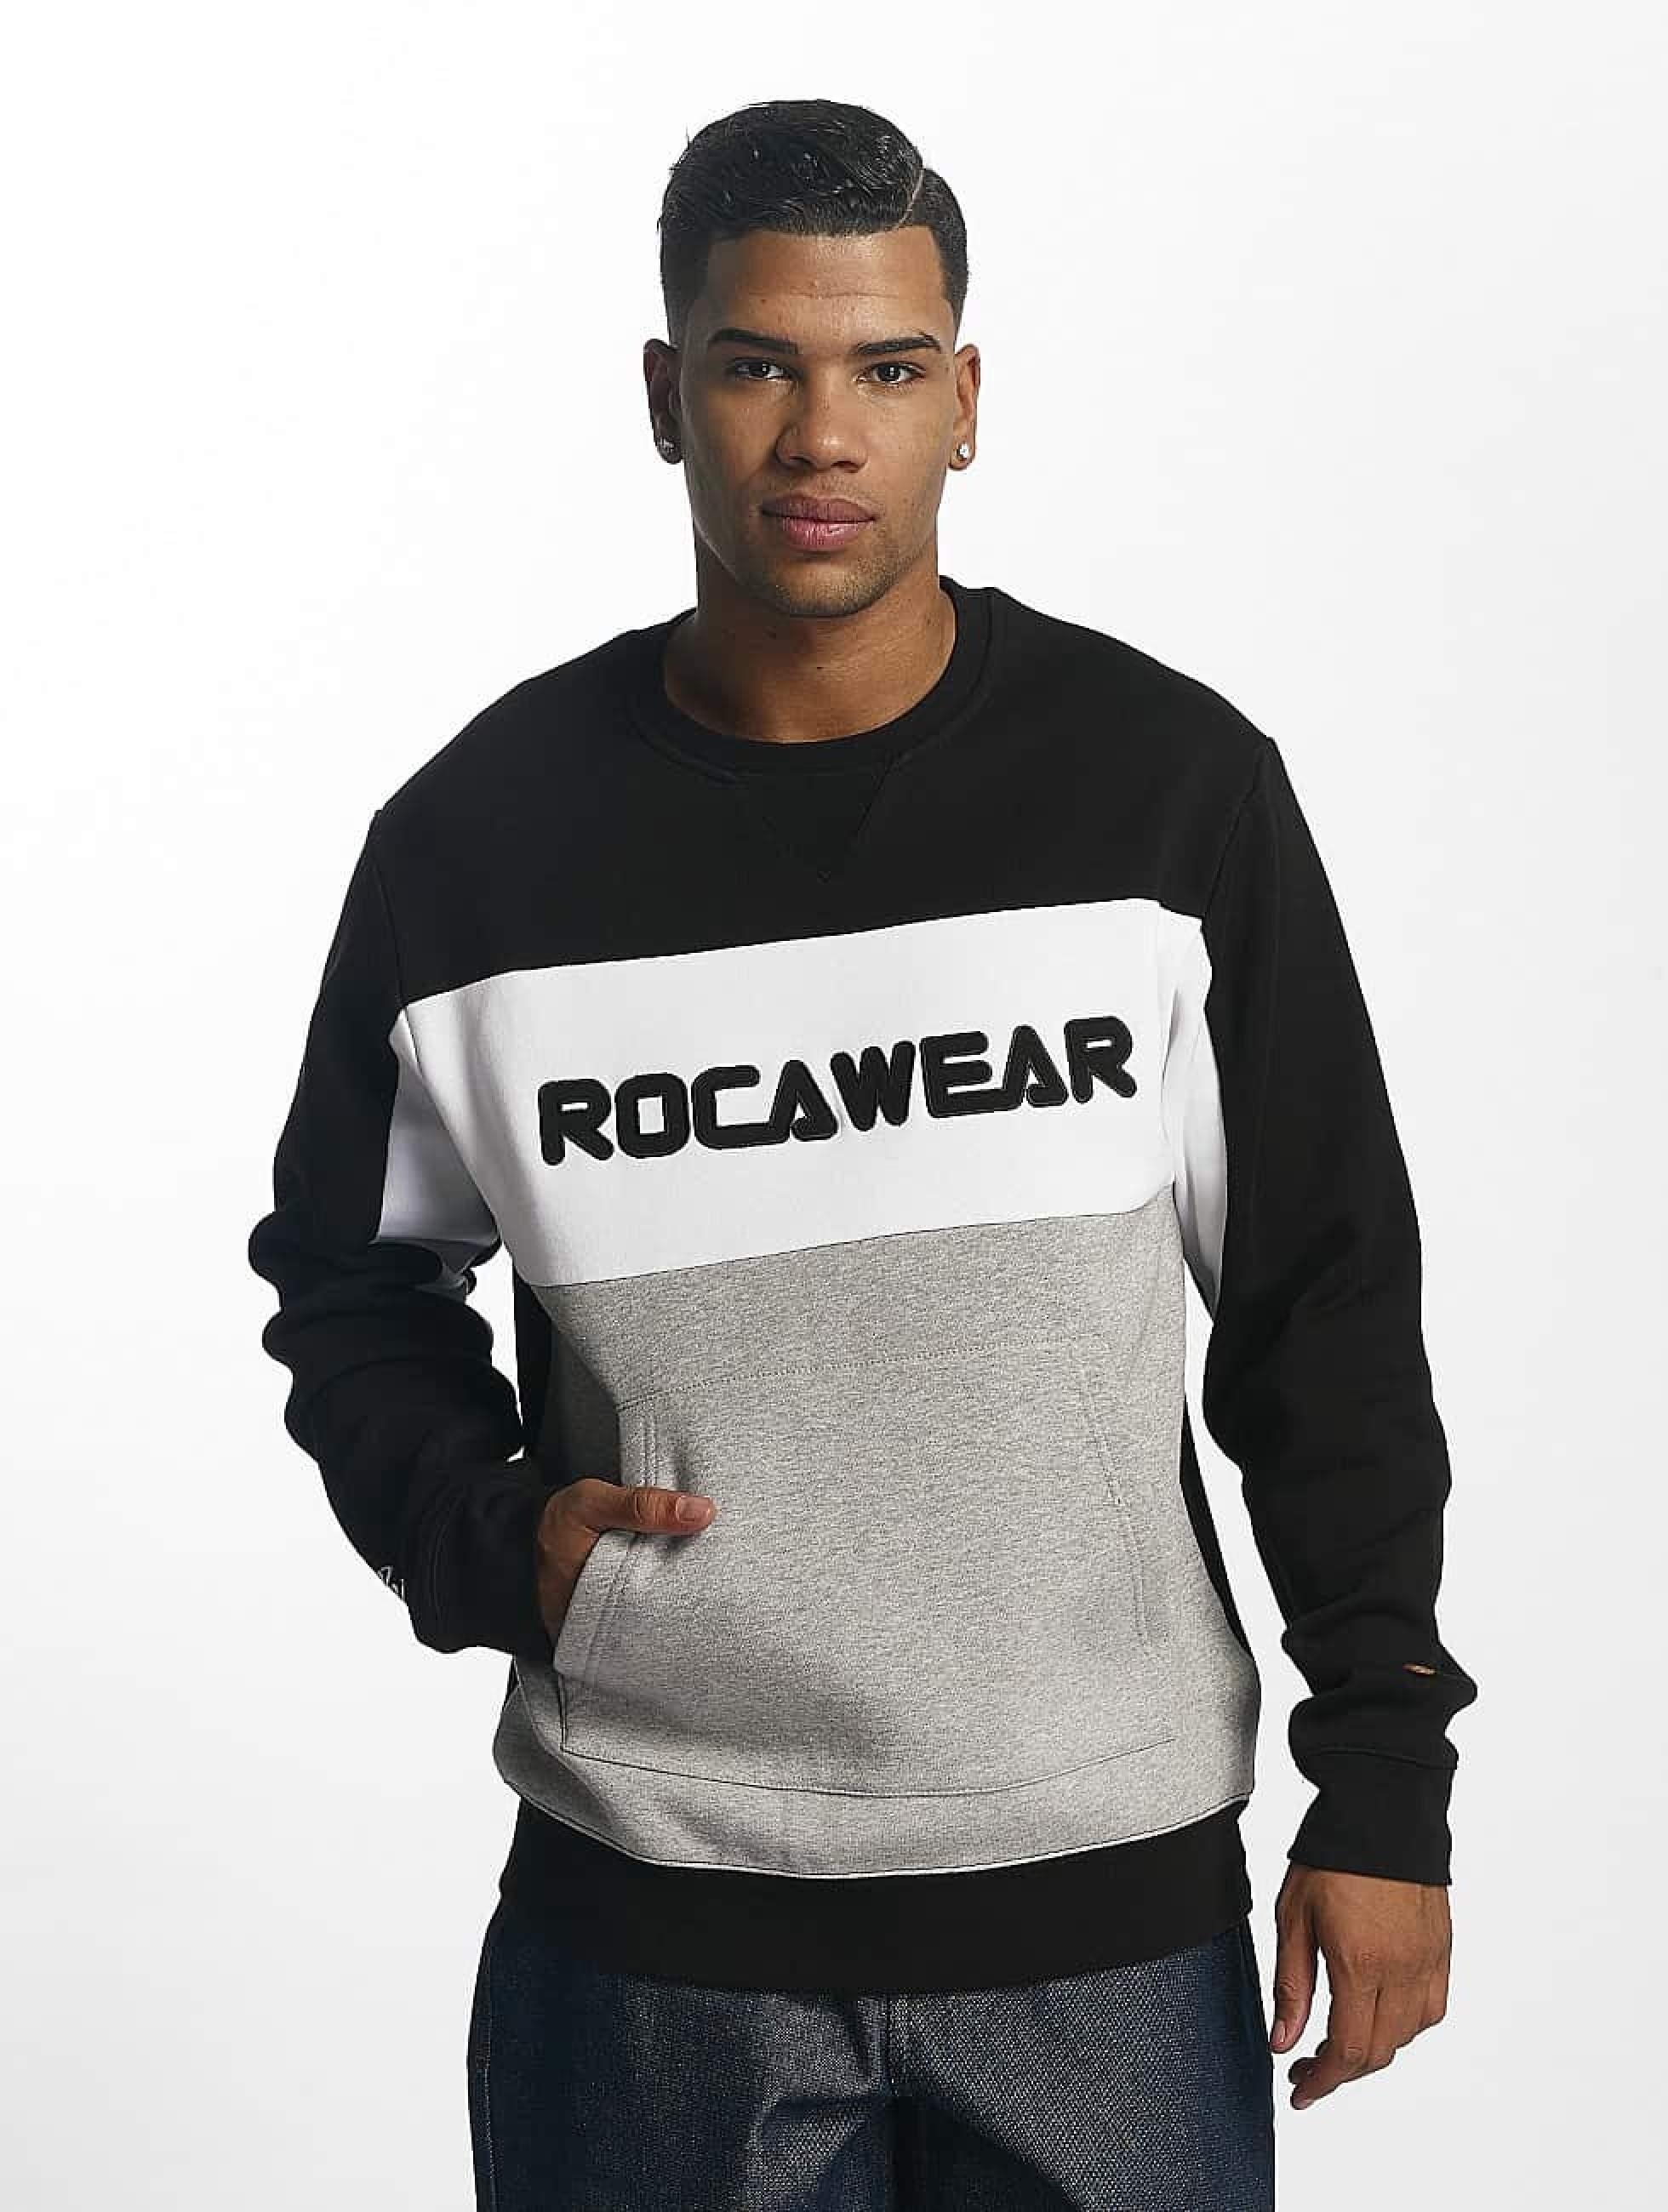 Rocawear / Jumper Ilias in black 2XL